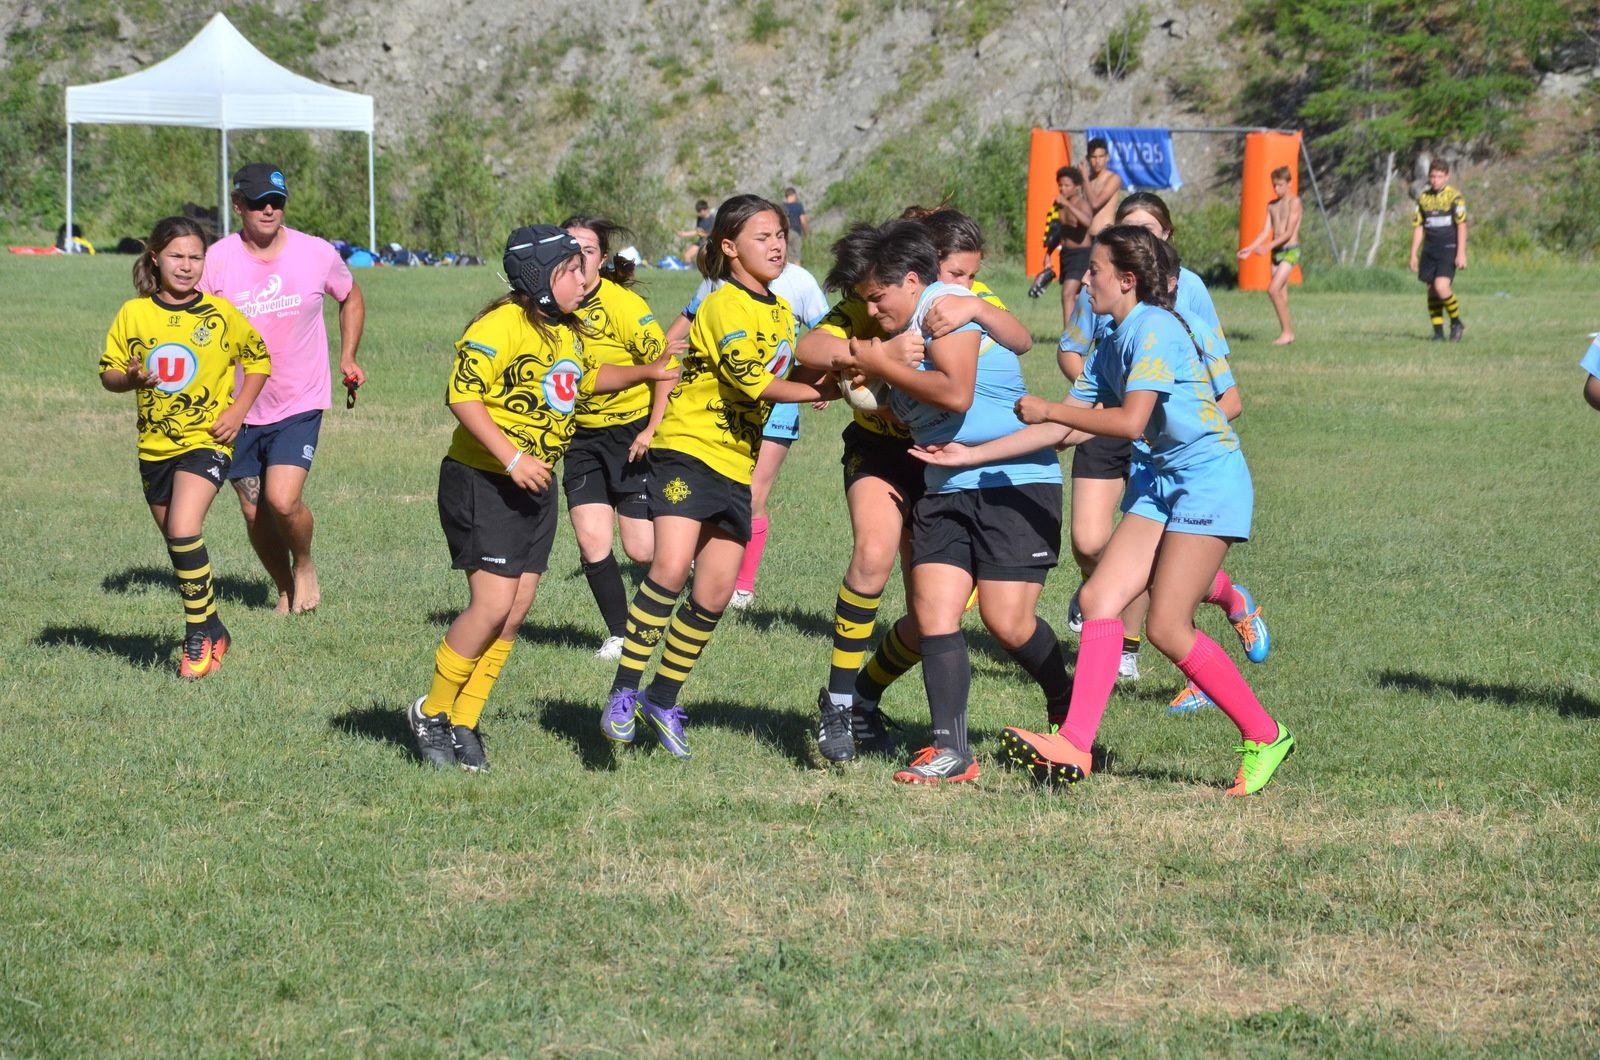 Opposition féminine sur le Rugby Aventure, tournoi organisé par le Rugby Club Queyras à Aiguilles.